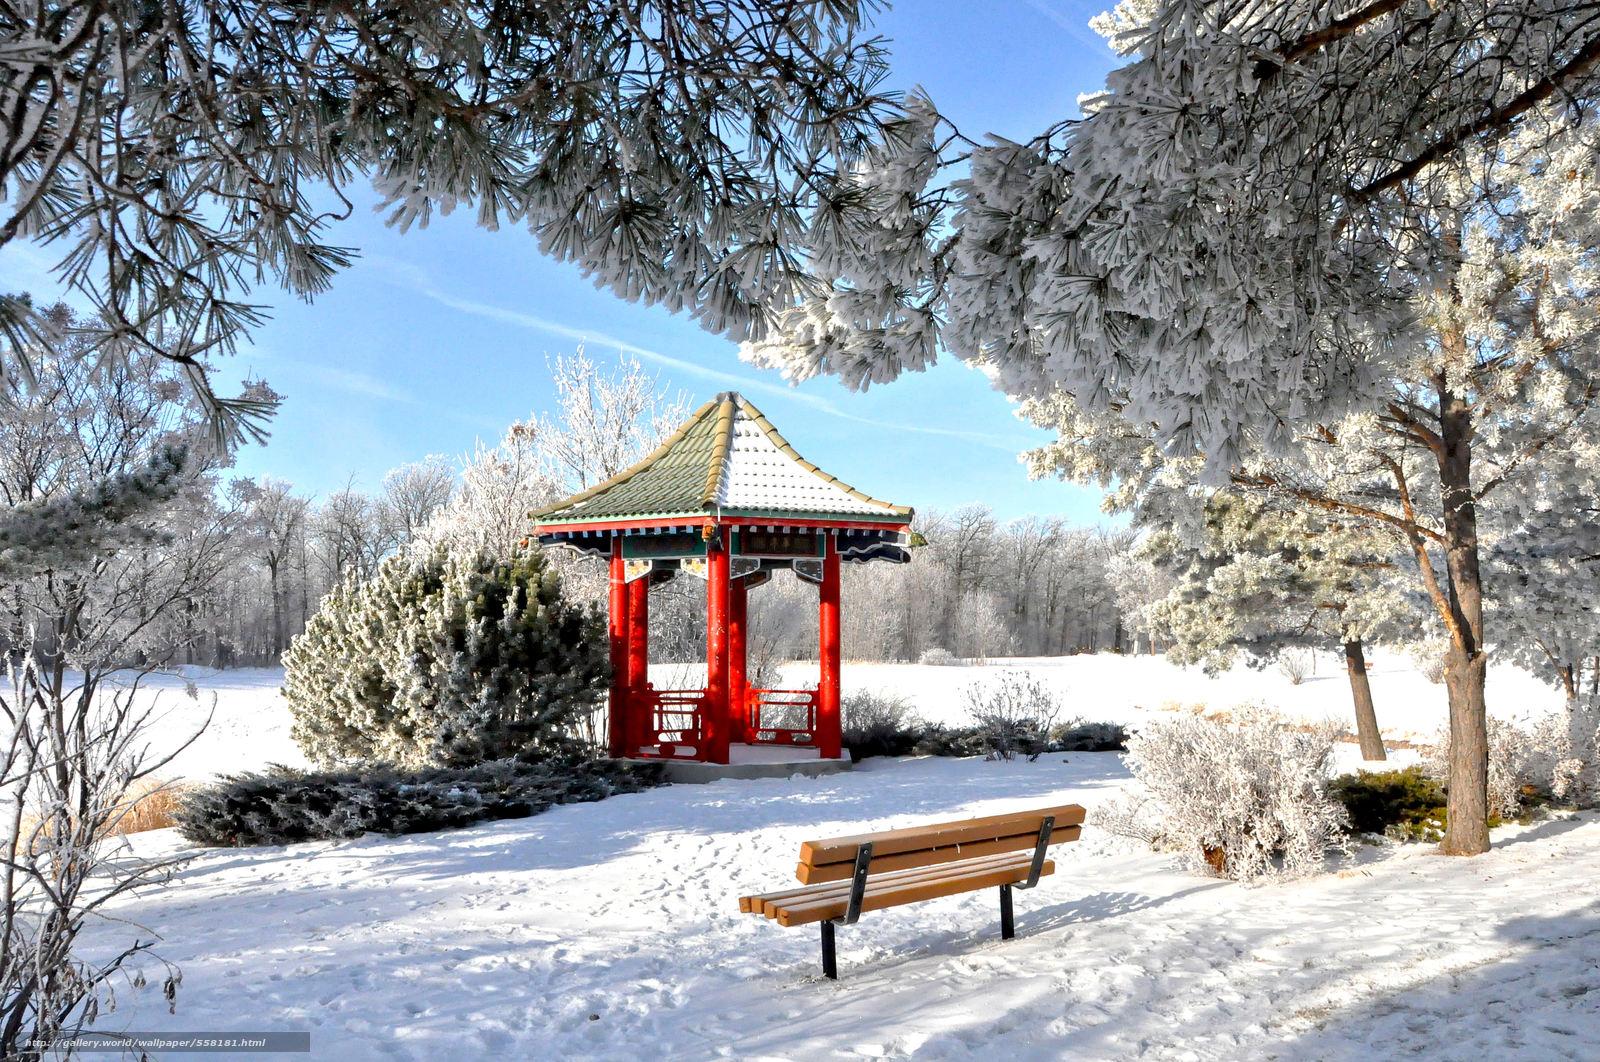 Tlcharger fond d 39 ecran hiver parc tonnelle un banc for Fond ecran gratuit hiver